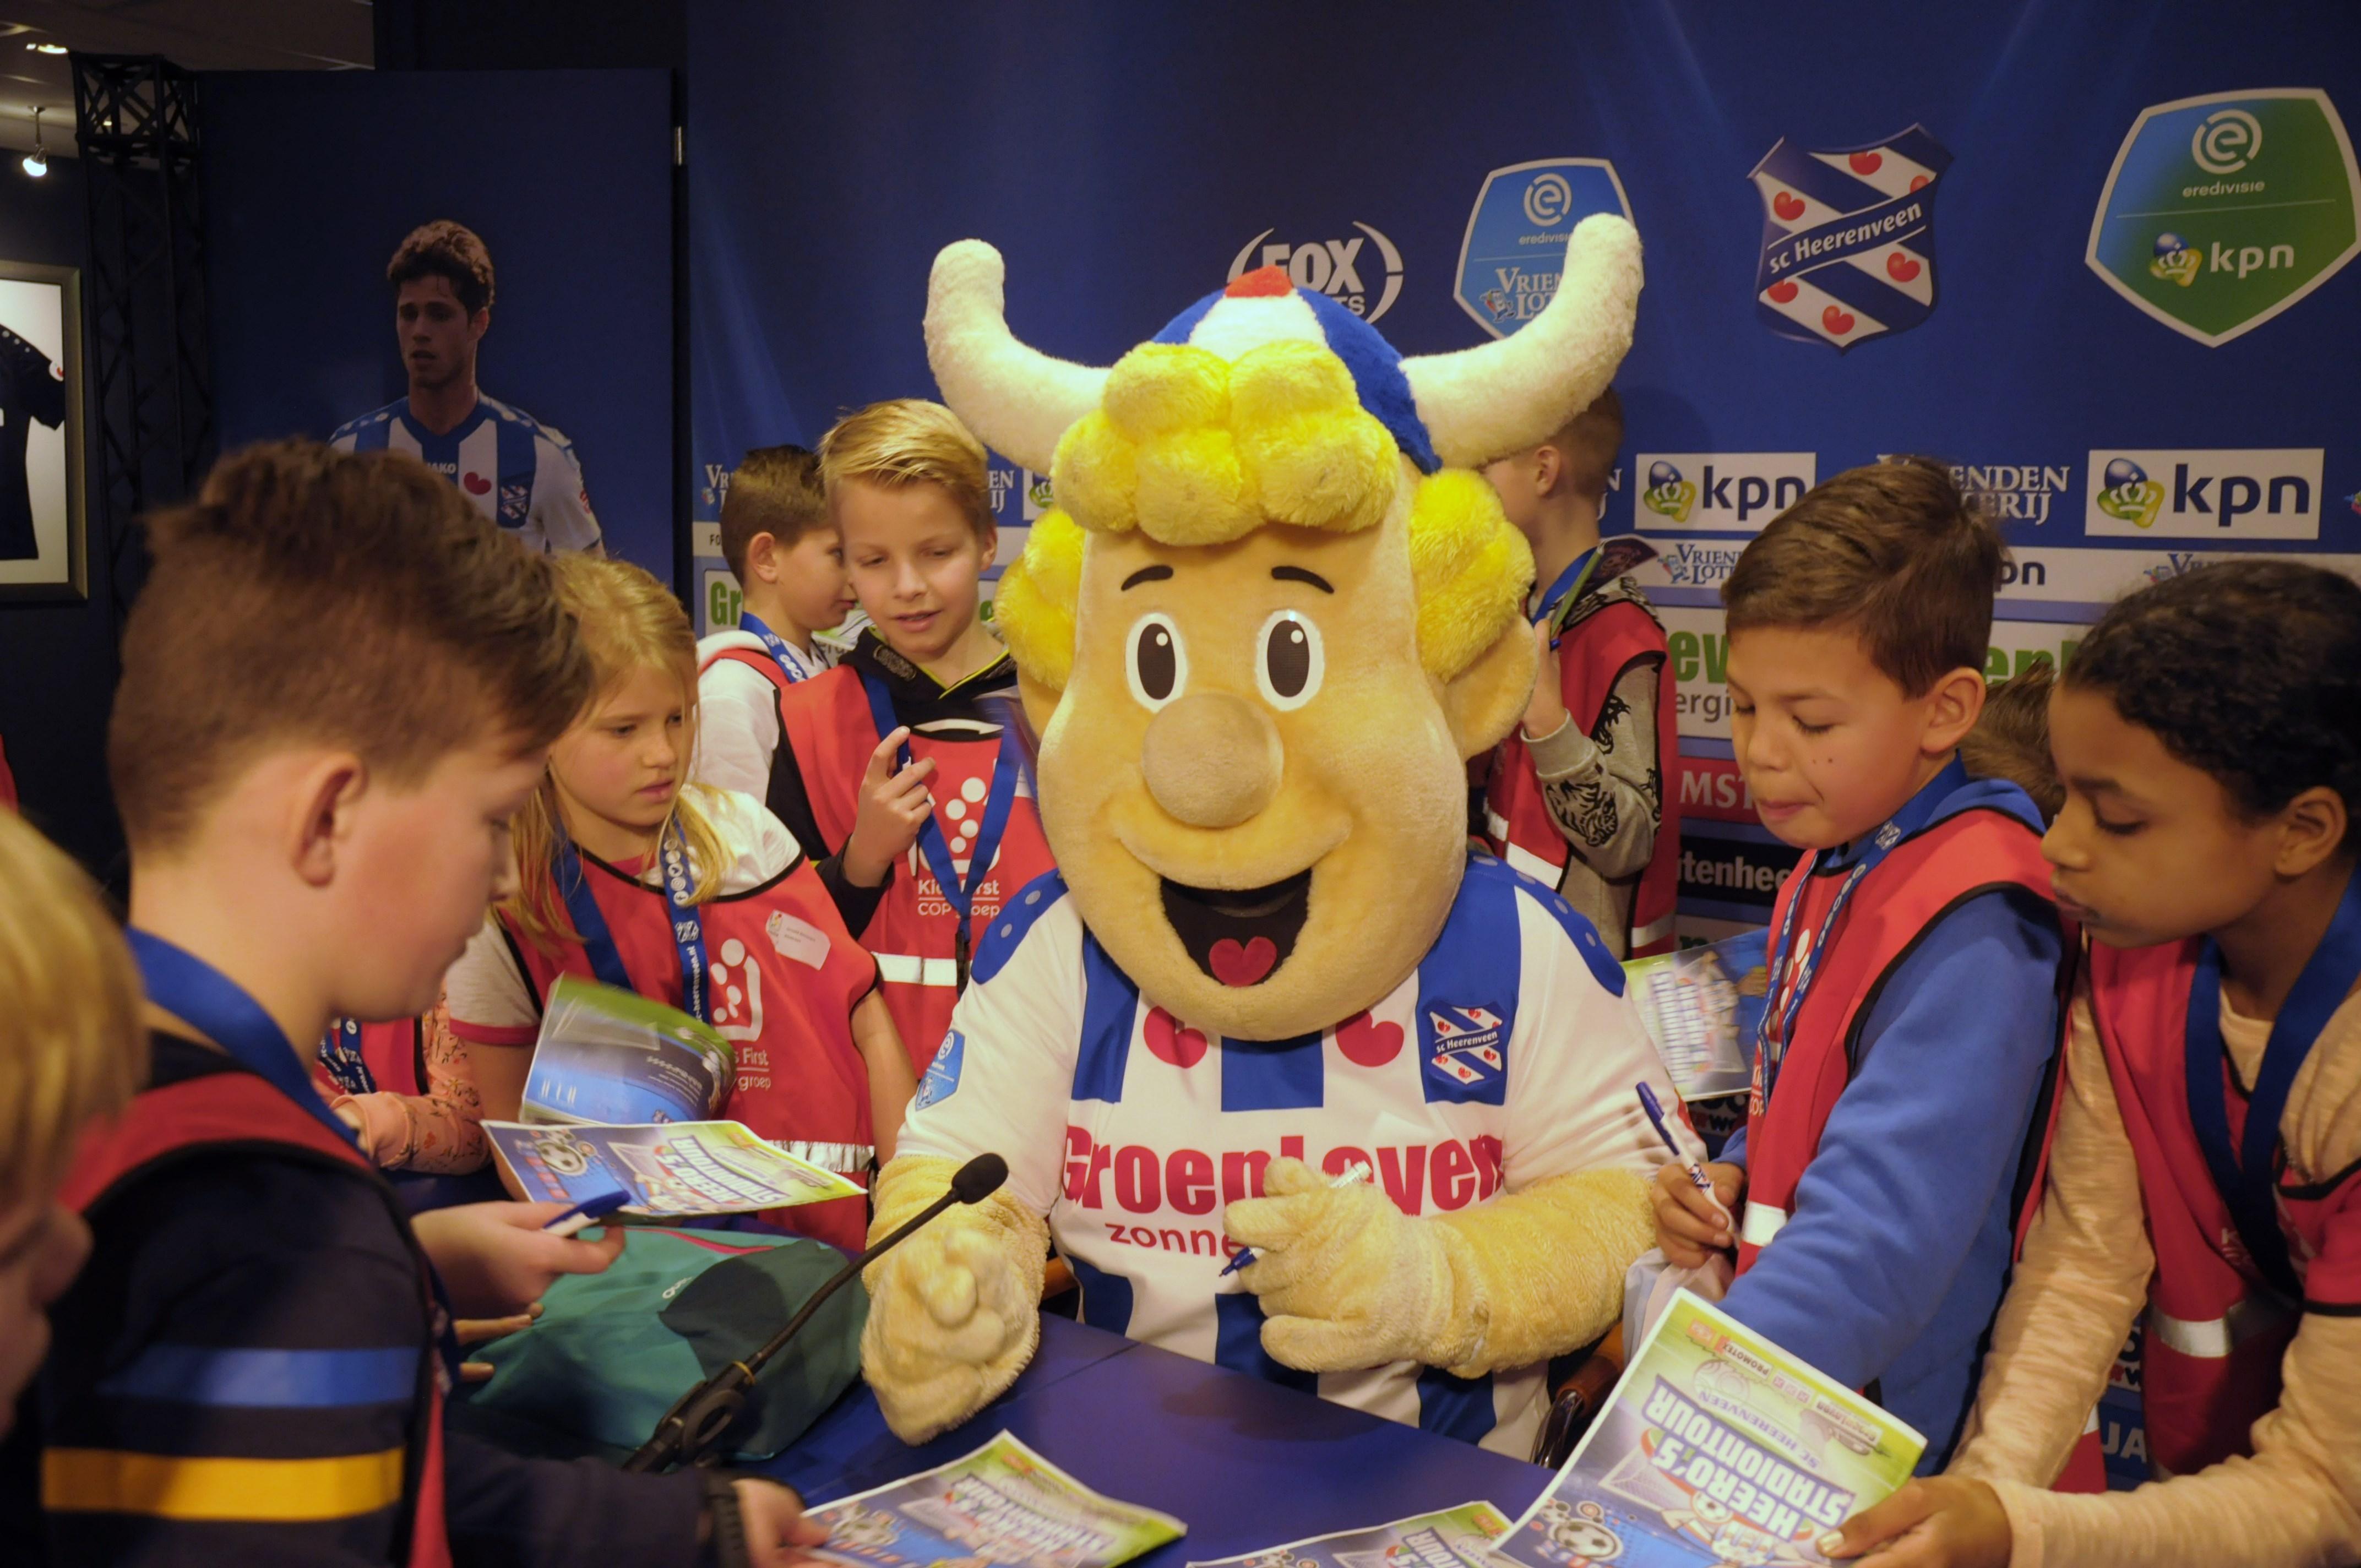 SC Heerenveen - Stadionbezoek BSO Kids First COP groep Friesland